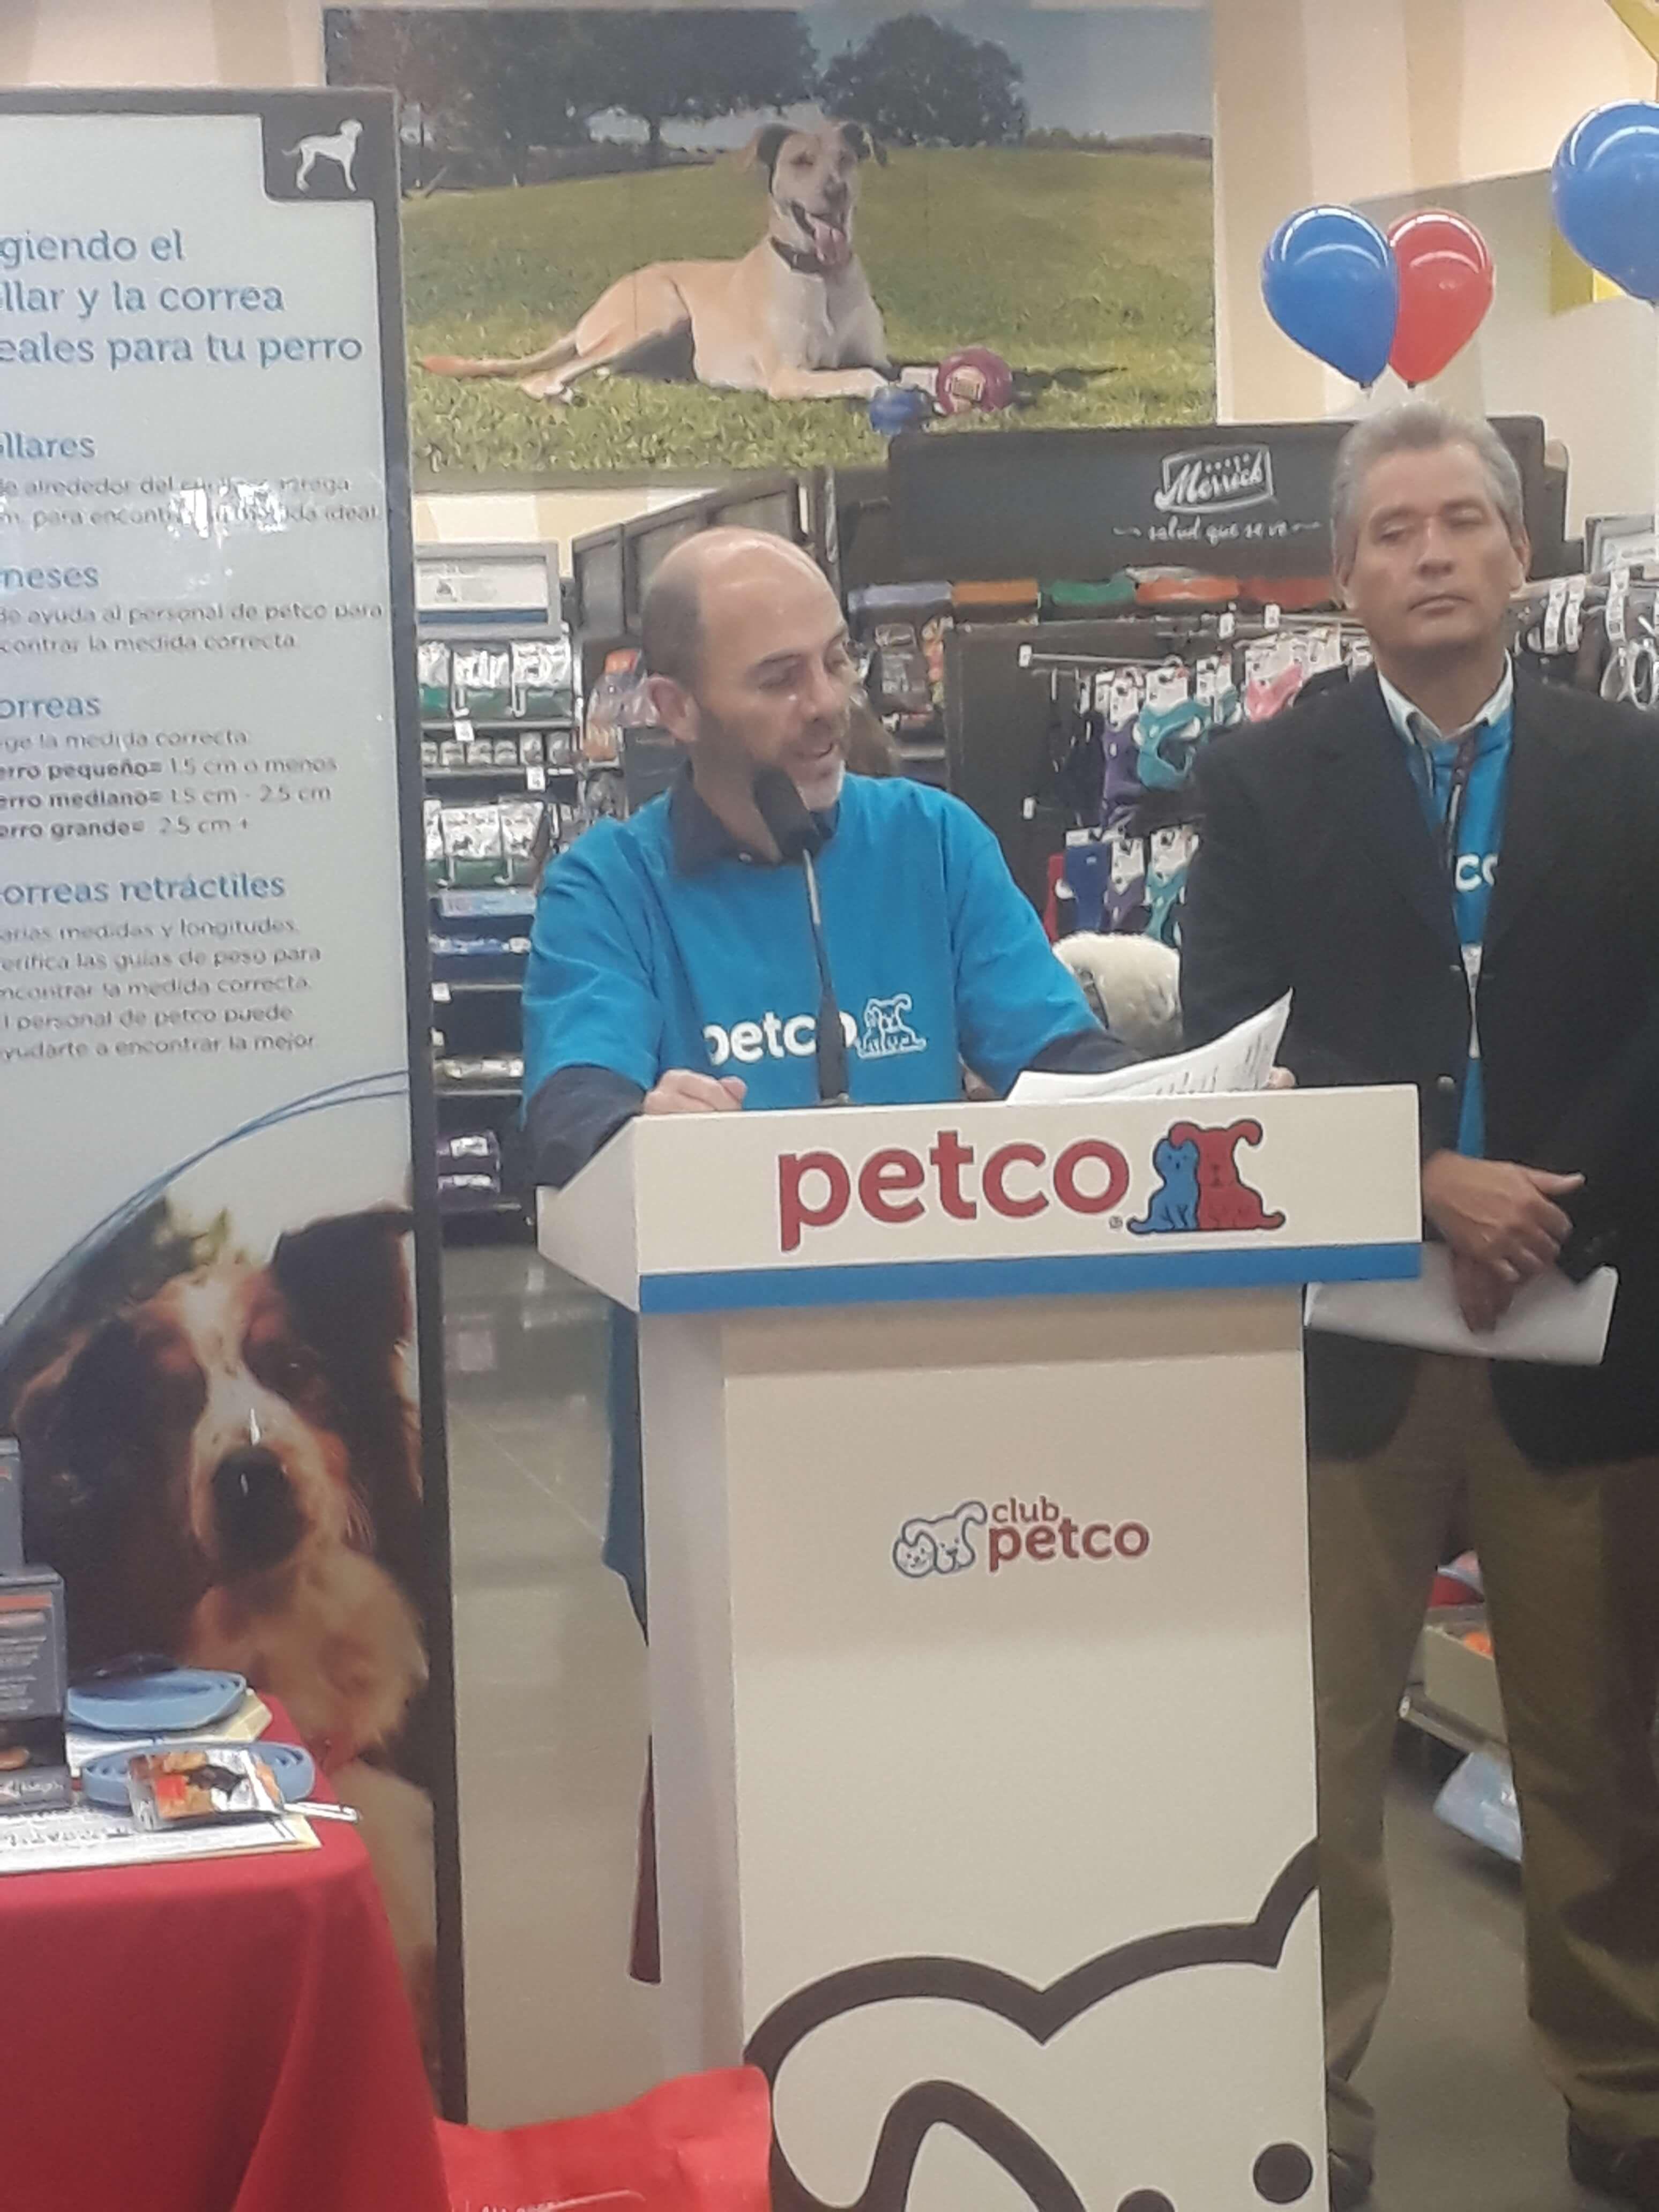 Fotografia Alejandro Ahuad / Director General de Petco México